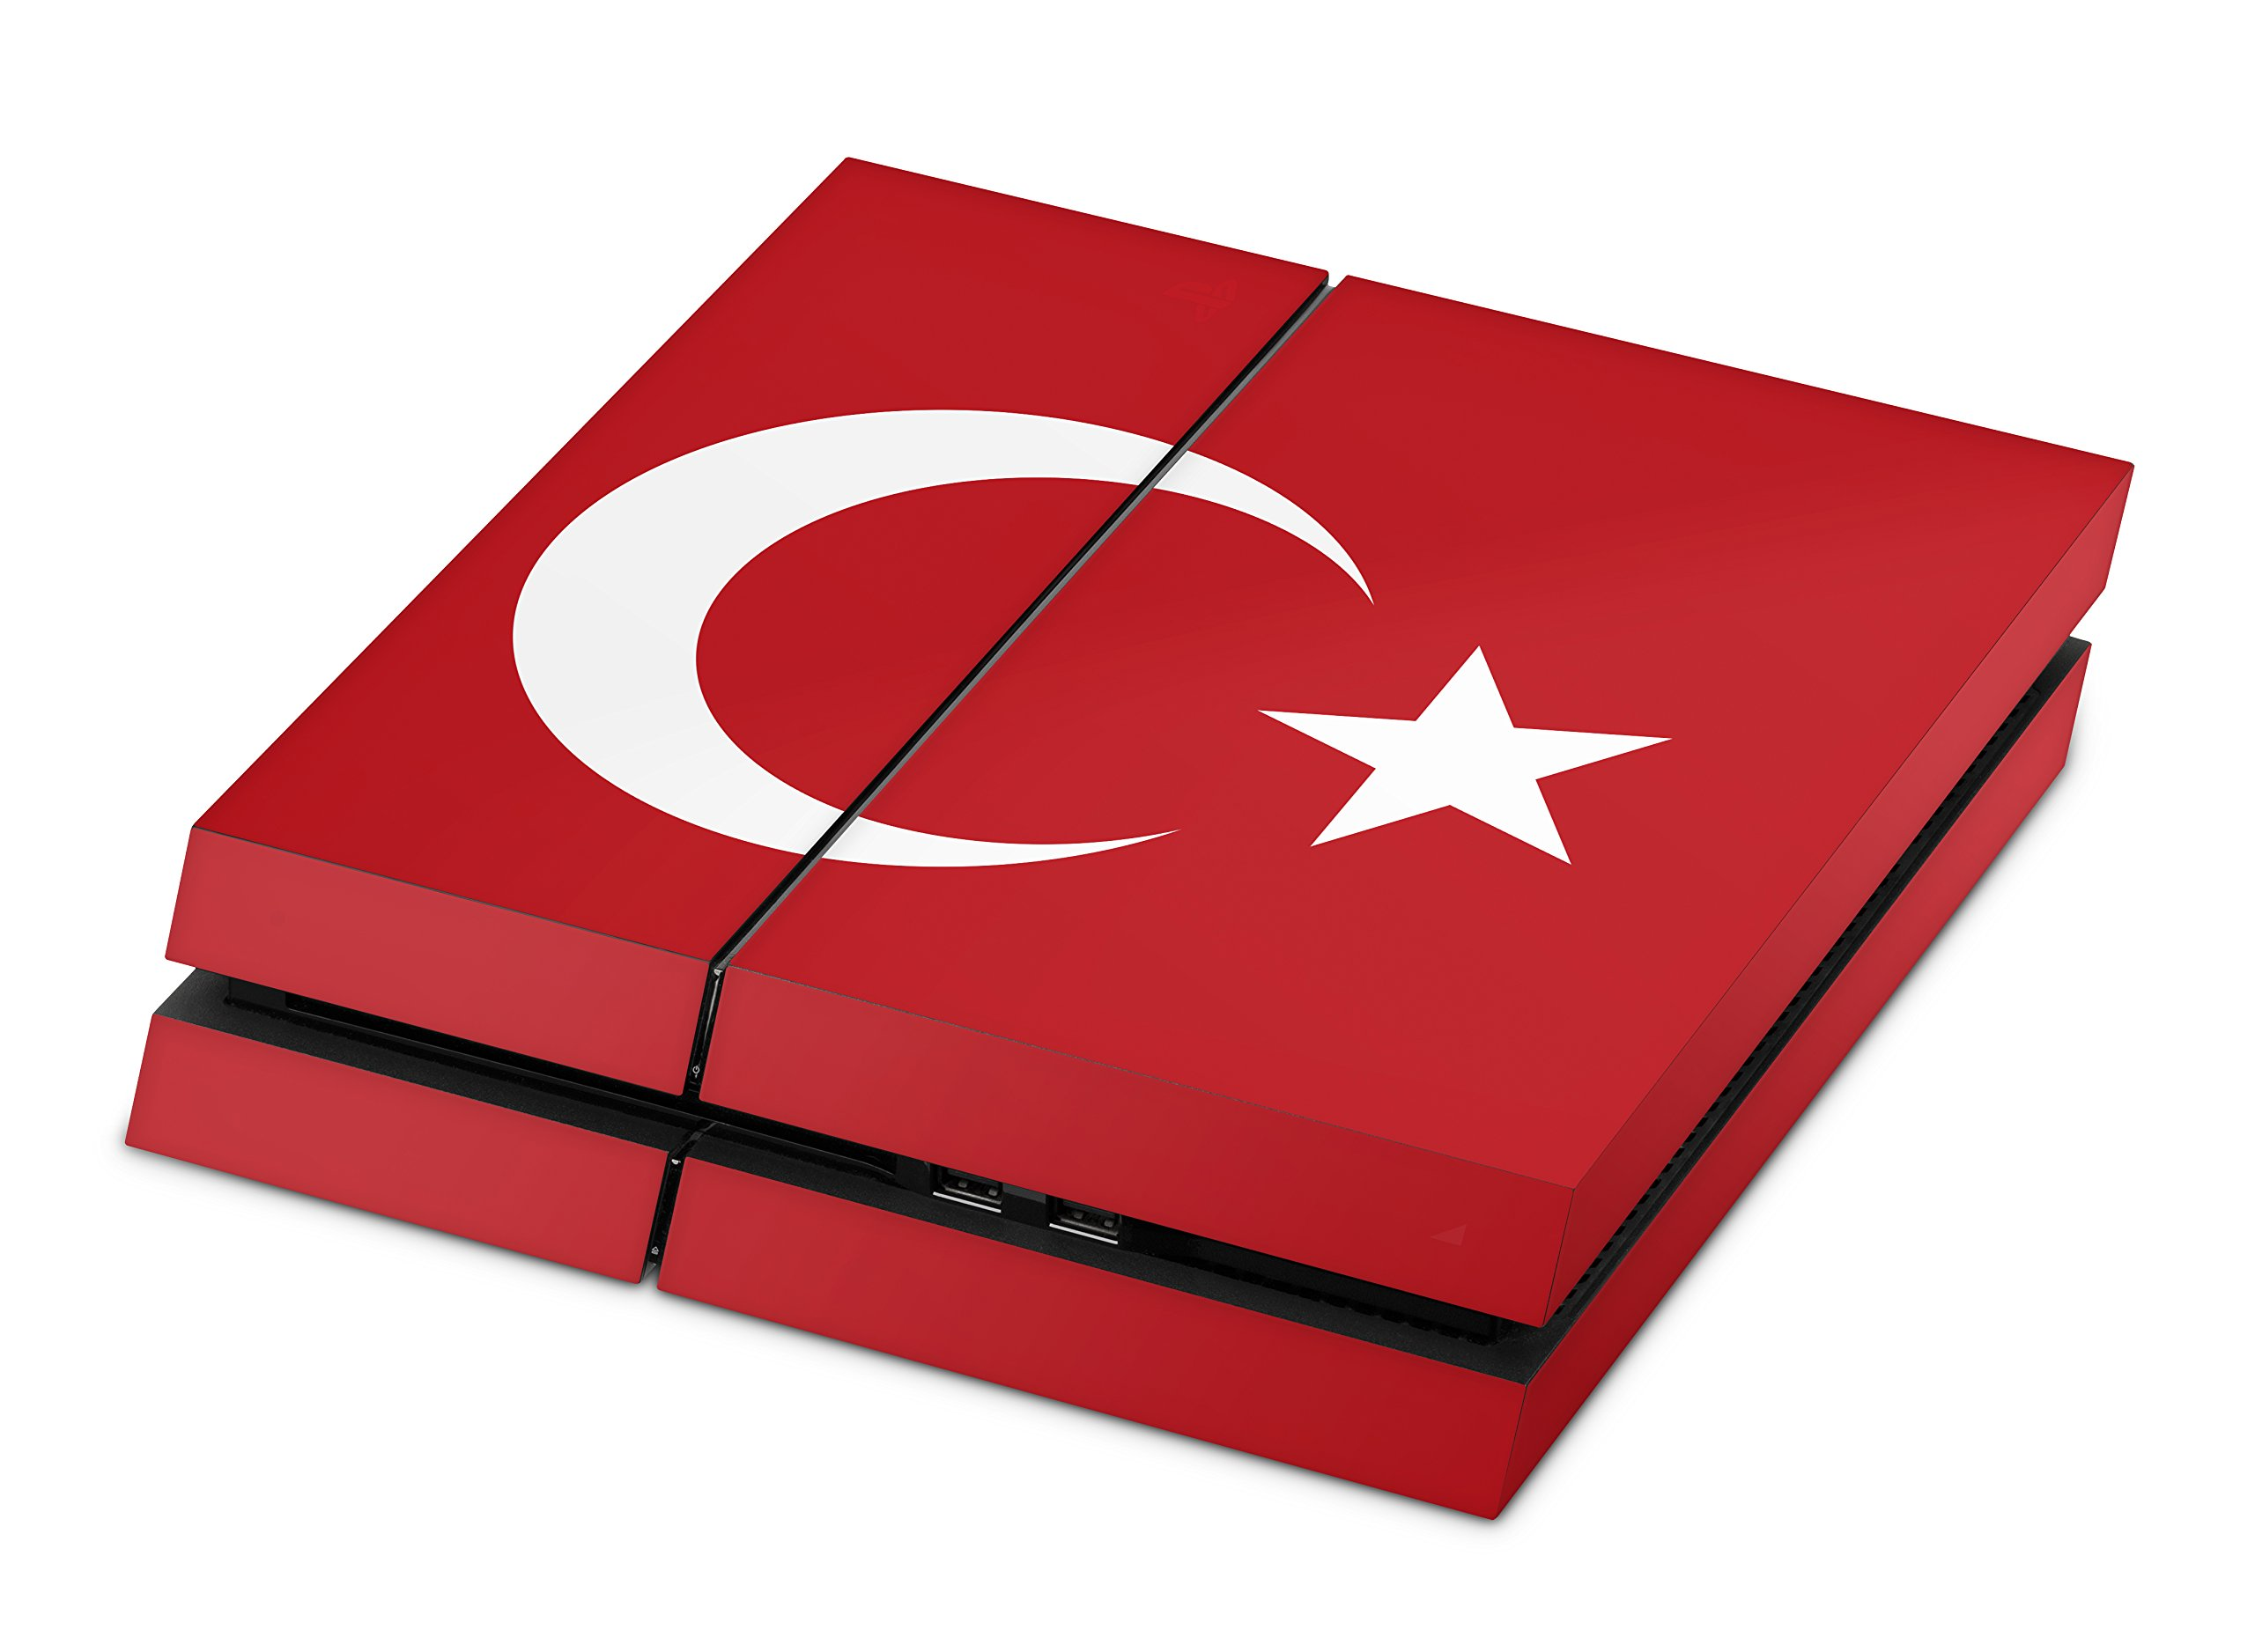 Skins4u Aufkleber Design Schutzfolie Vinyl Skin kompatibel mit Sony Playstation 4 PS4 Türkei Flagge rot